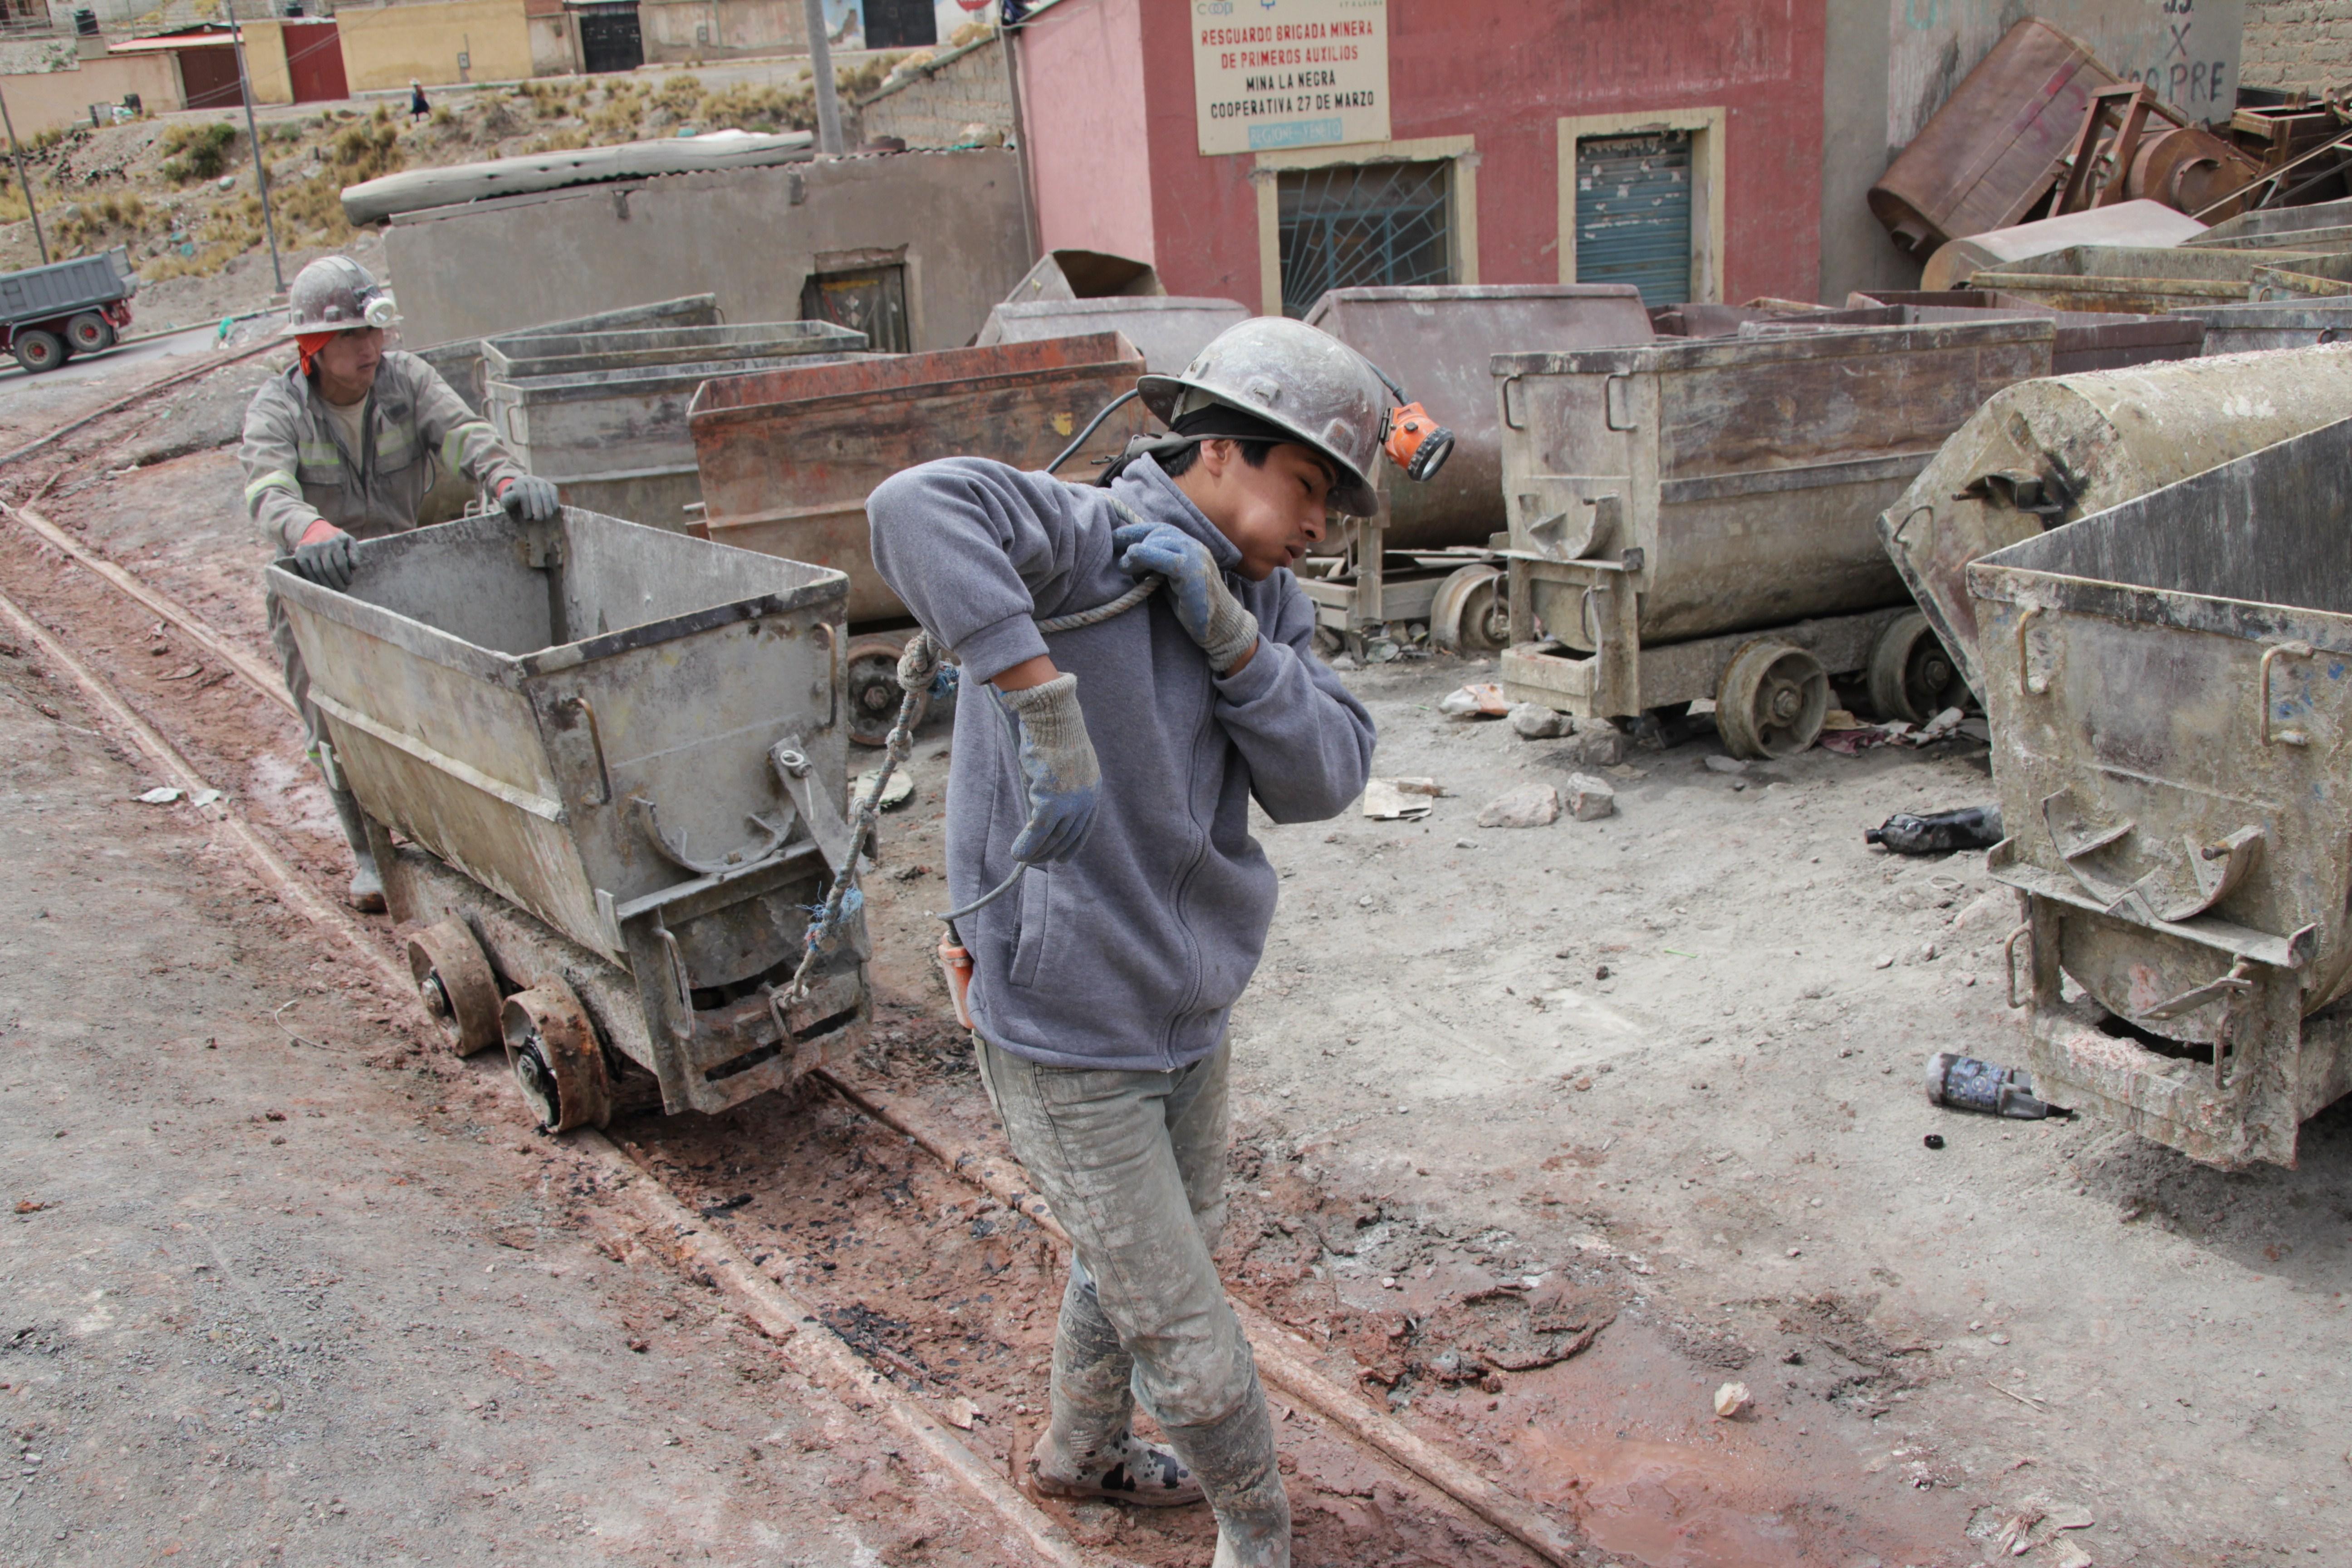 Un mineur de Potosí. Comme tous, il mâche des feuilles de coca pour se donner du courage (© Jérôme Decoster).